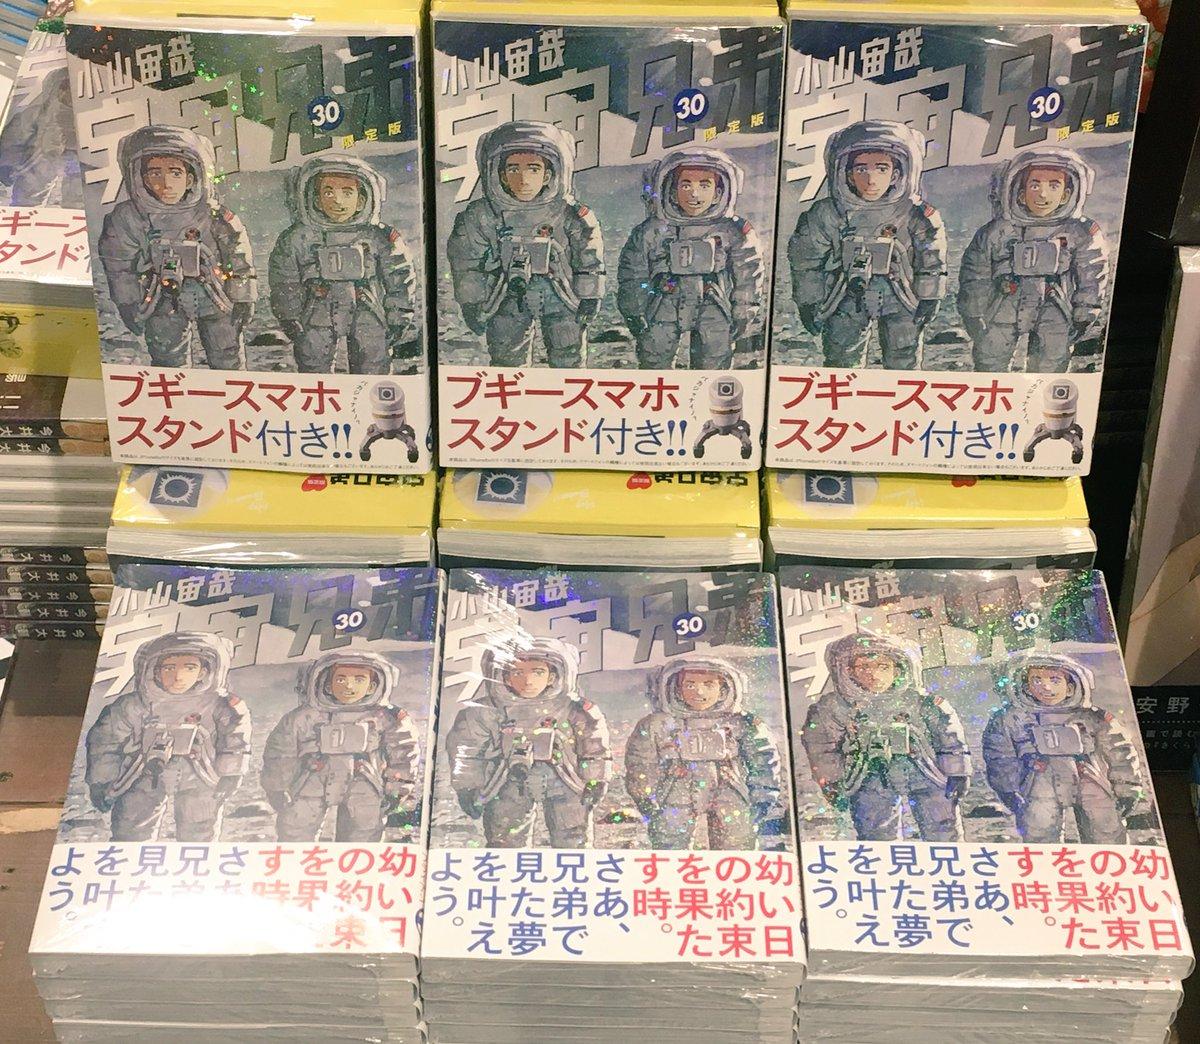 【宇宙兄弟】オープンです!!朝からアツいお知らせ!!「宇宙兄弟」30巻本日発売です✨初回限定盤には、使い方いろいろ「ブギ